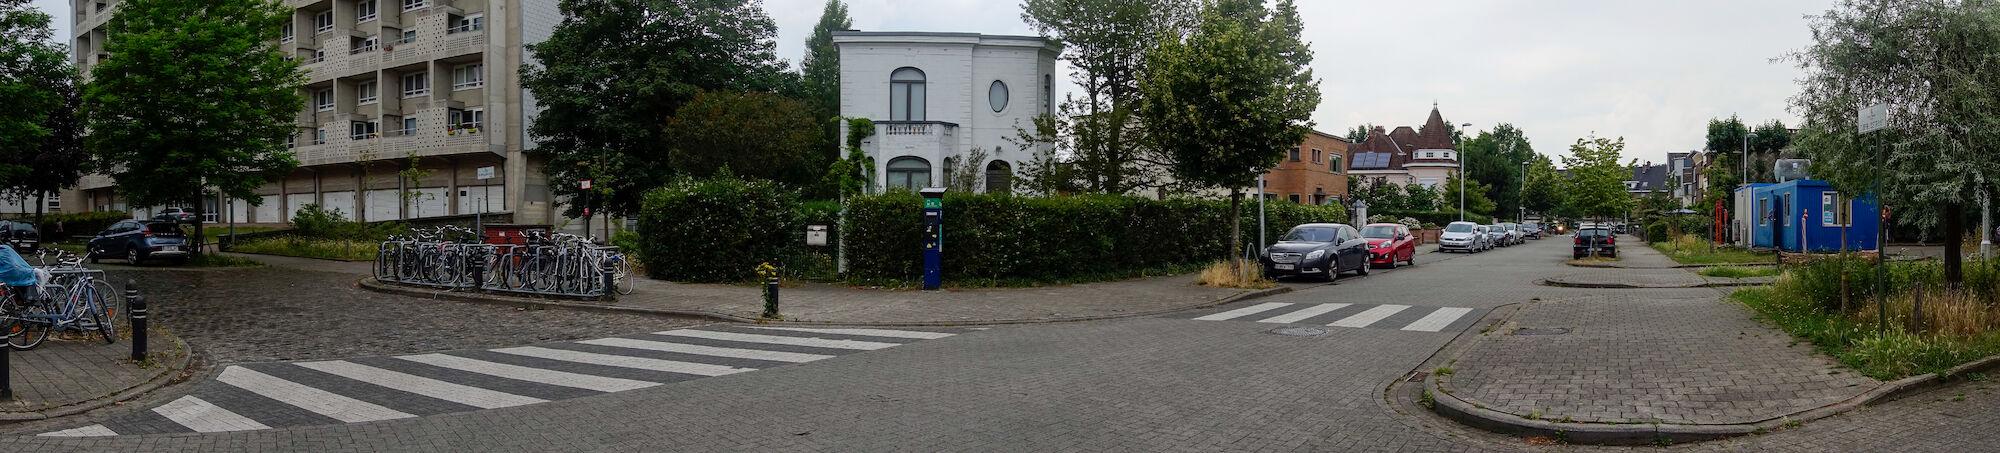 Wijk 22 Station Noord_prospectie 2020-03-17 Ann manHaeve